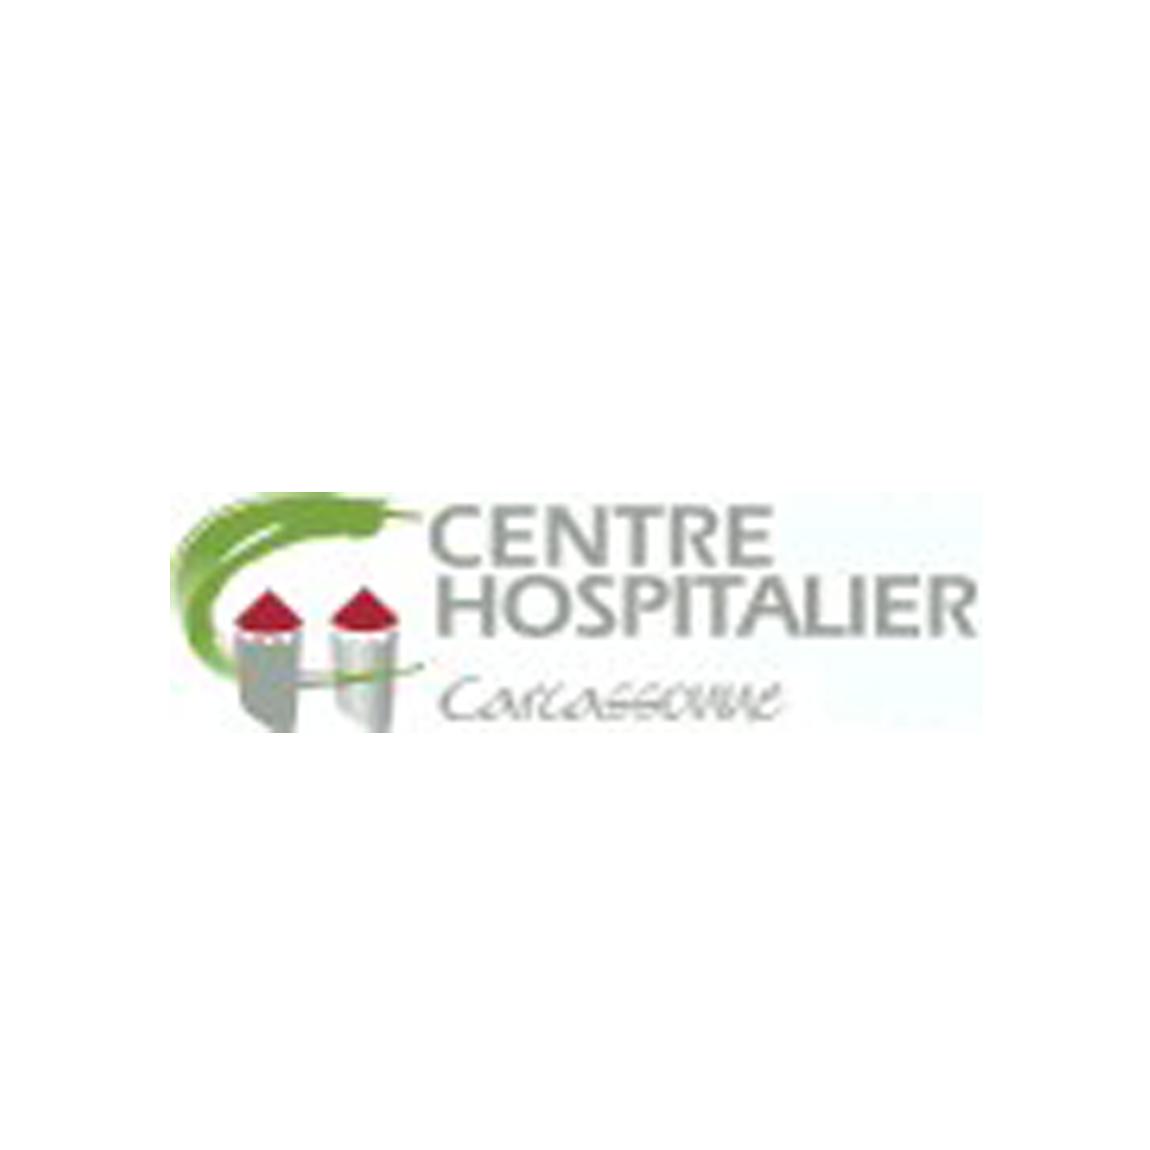 CH de carcassonne